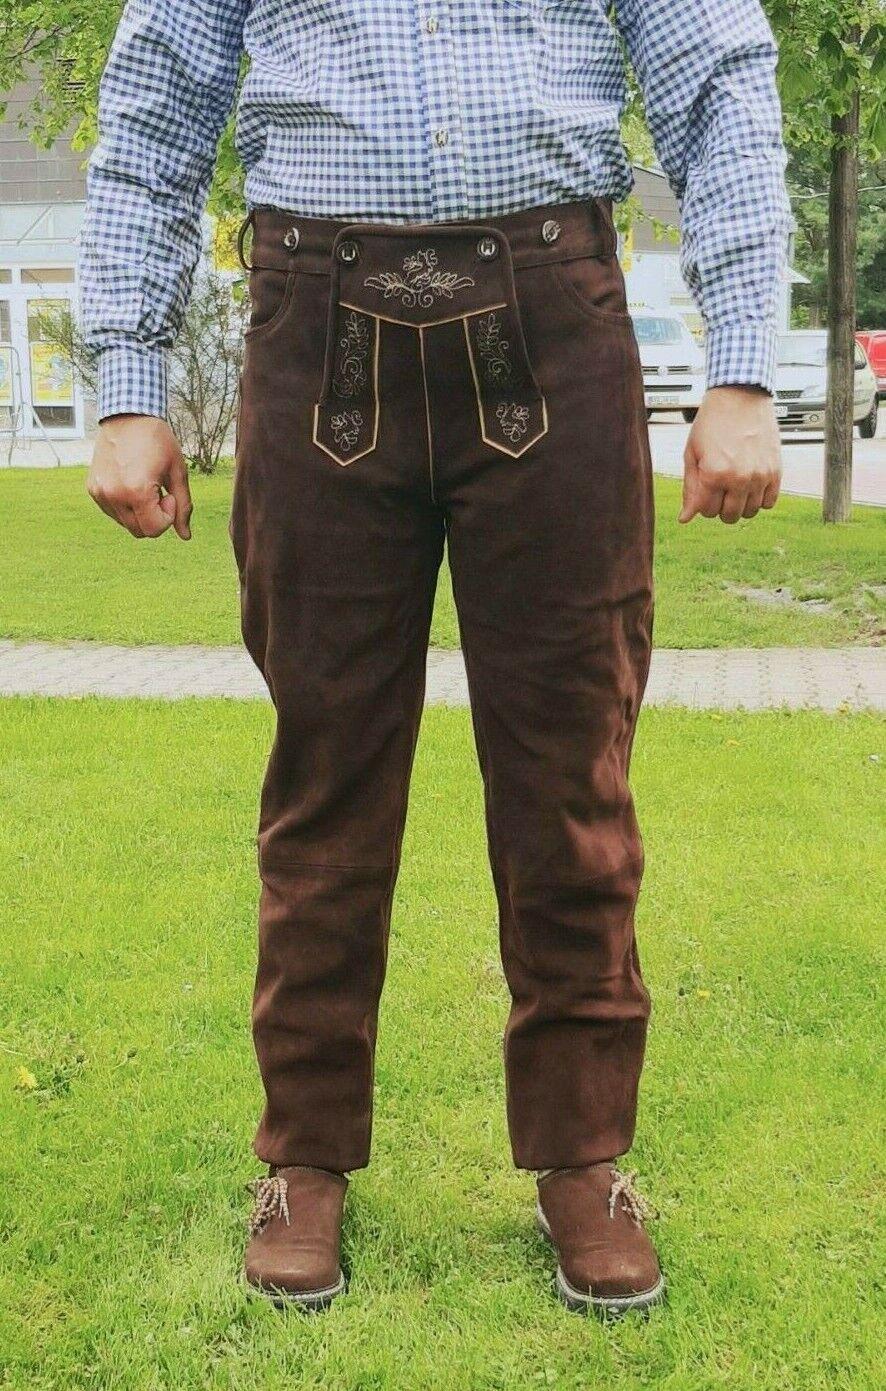 Traditionelle Bekleidung speed4allkinds Herren Trachten